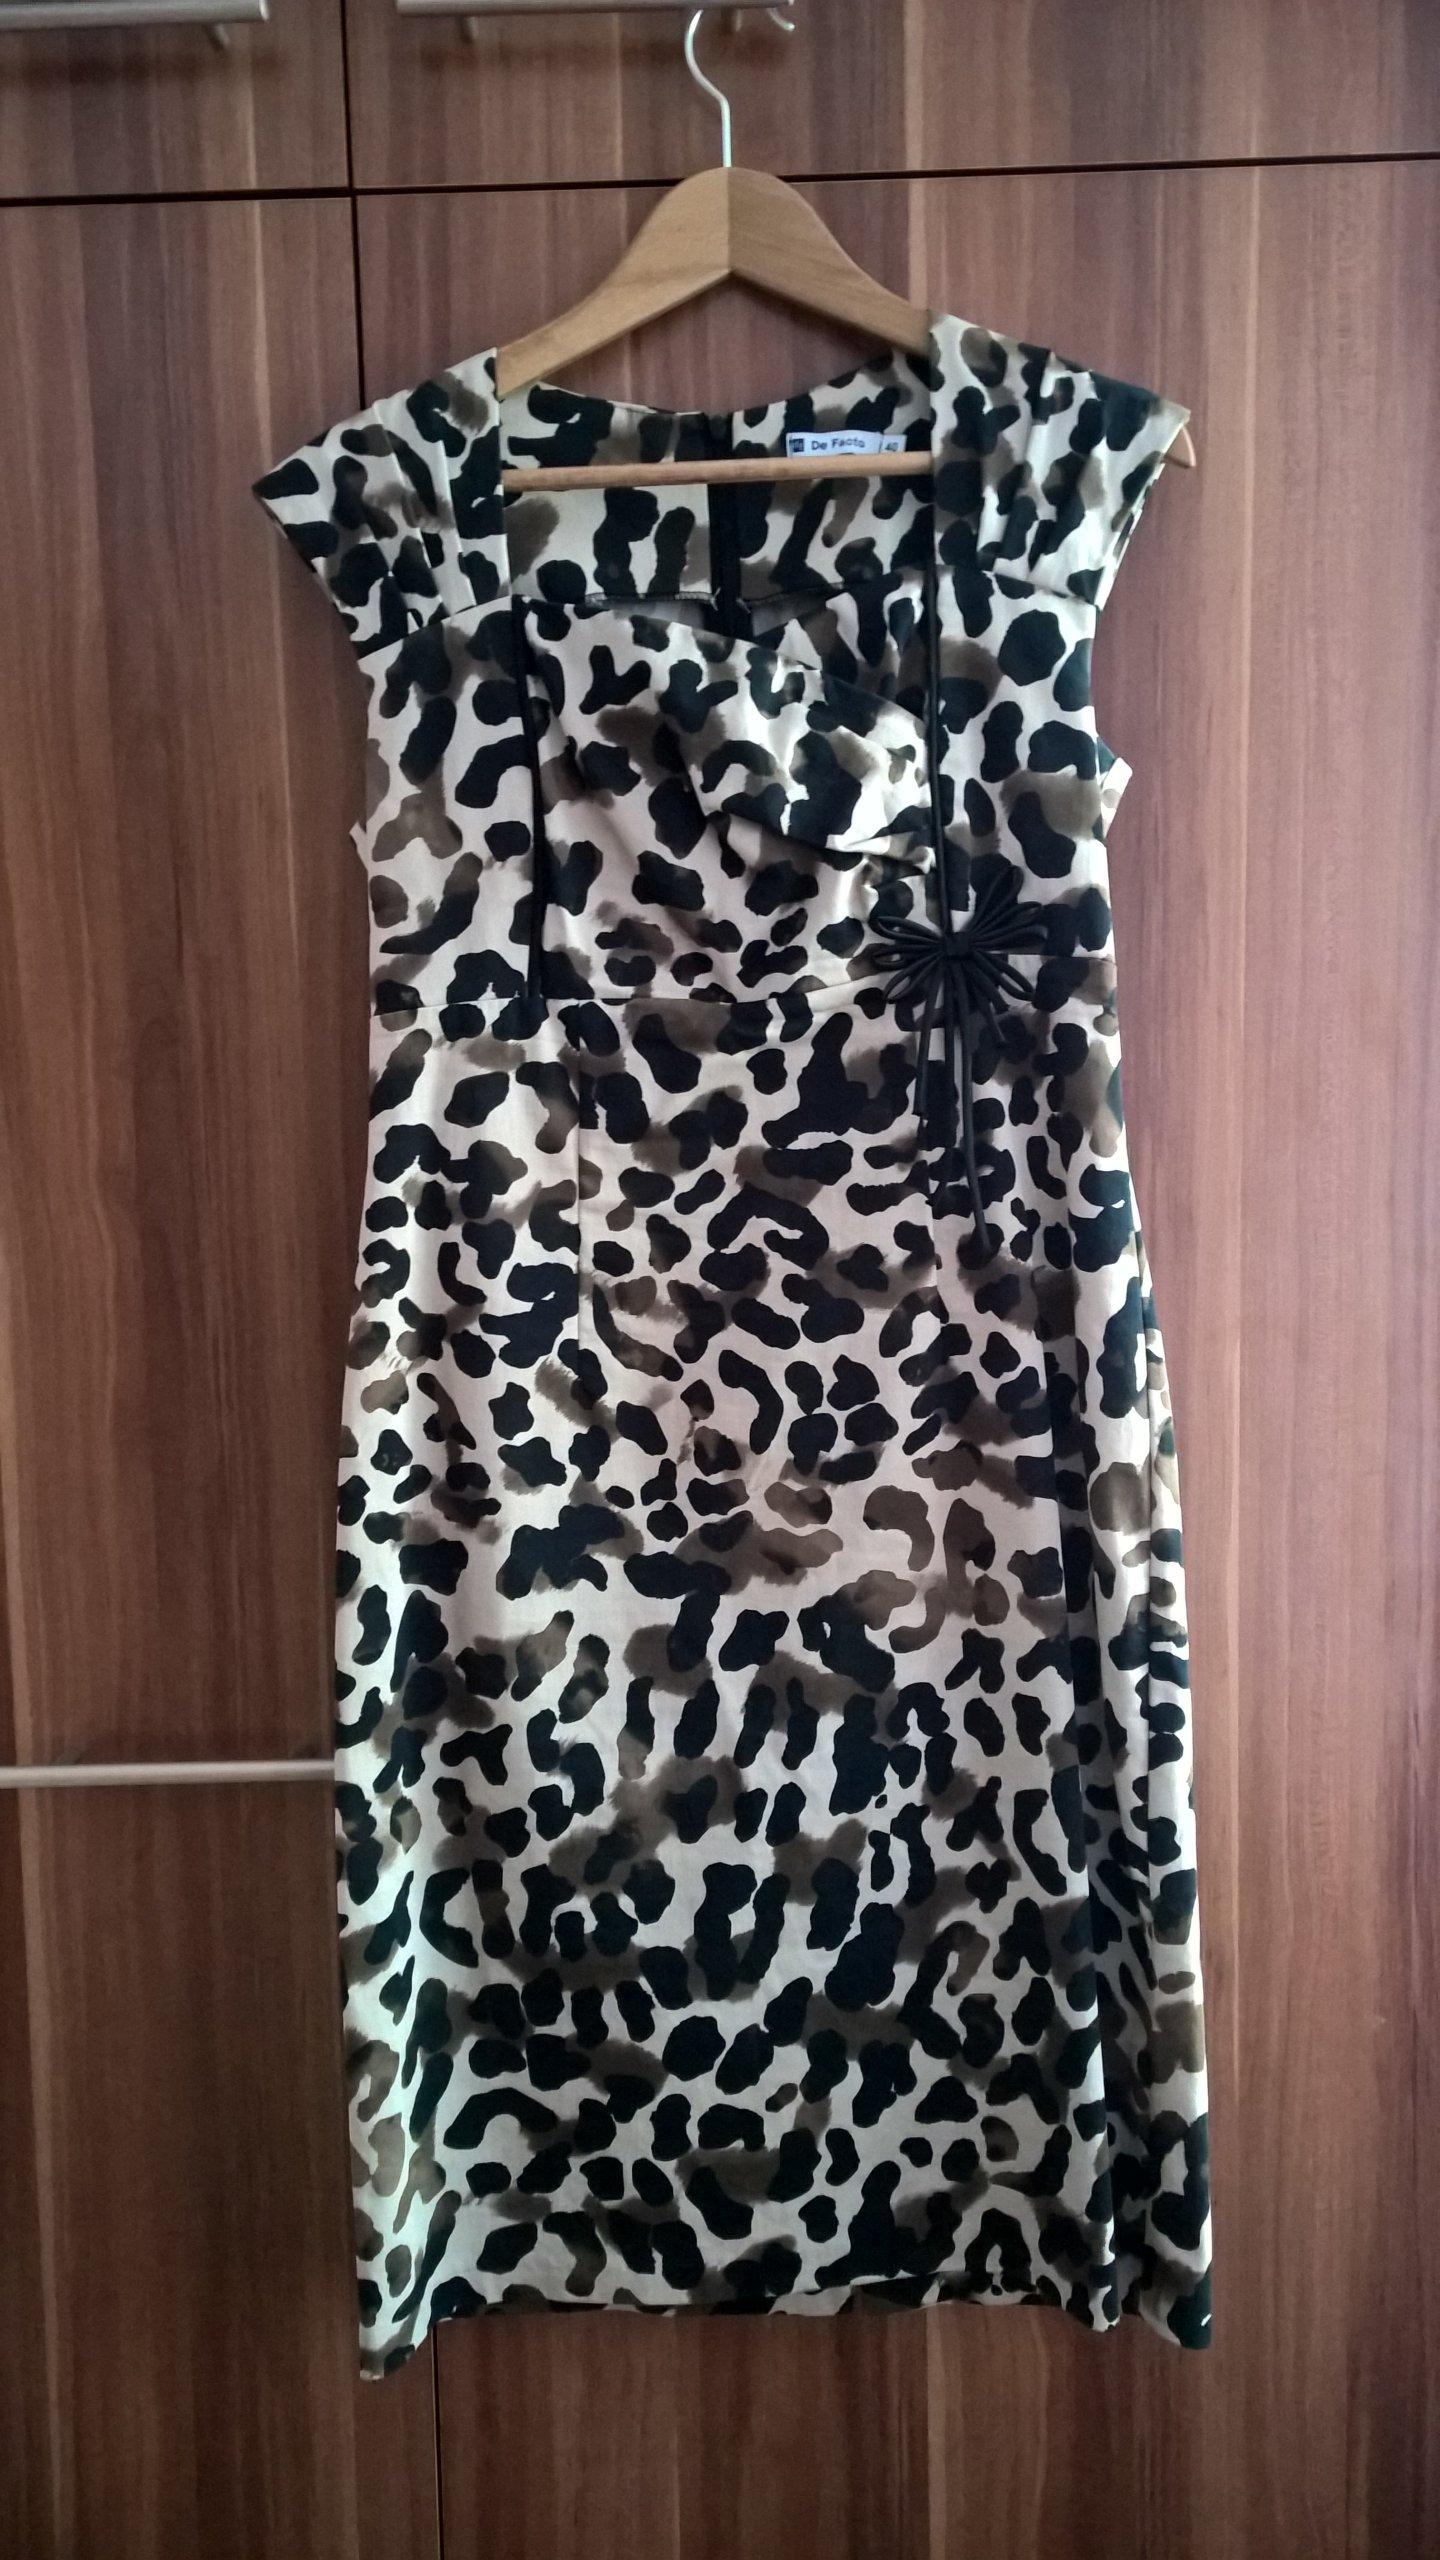 73fcb3bf57 Sukienka wizytowa krótki rękaw panterka R40 dekolt - 7353532668 ...